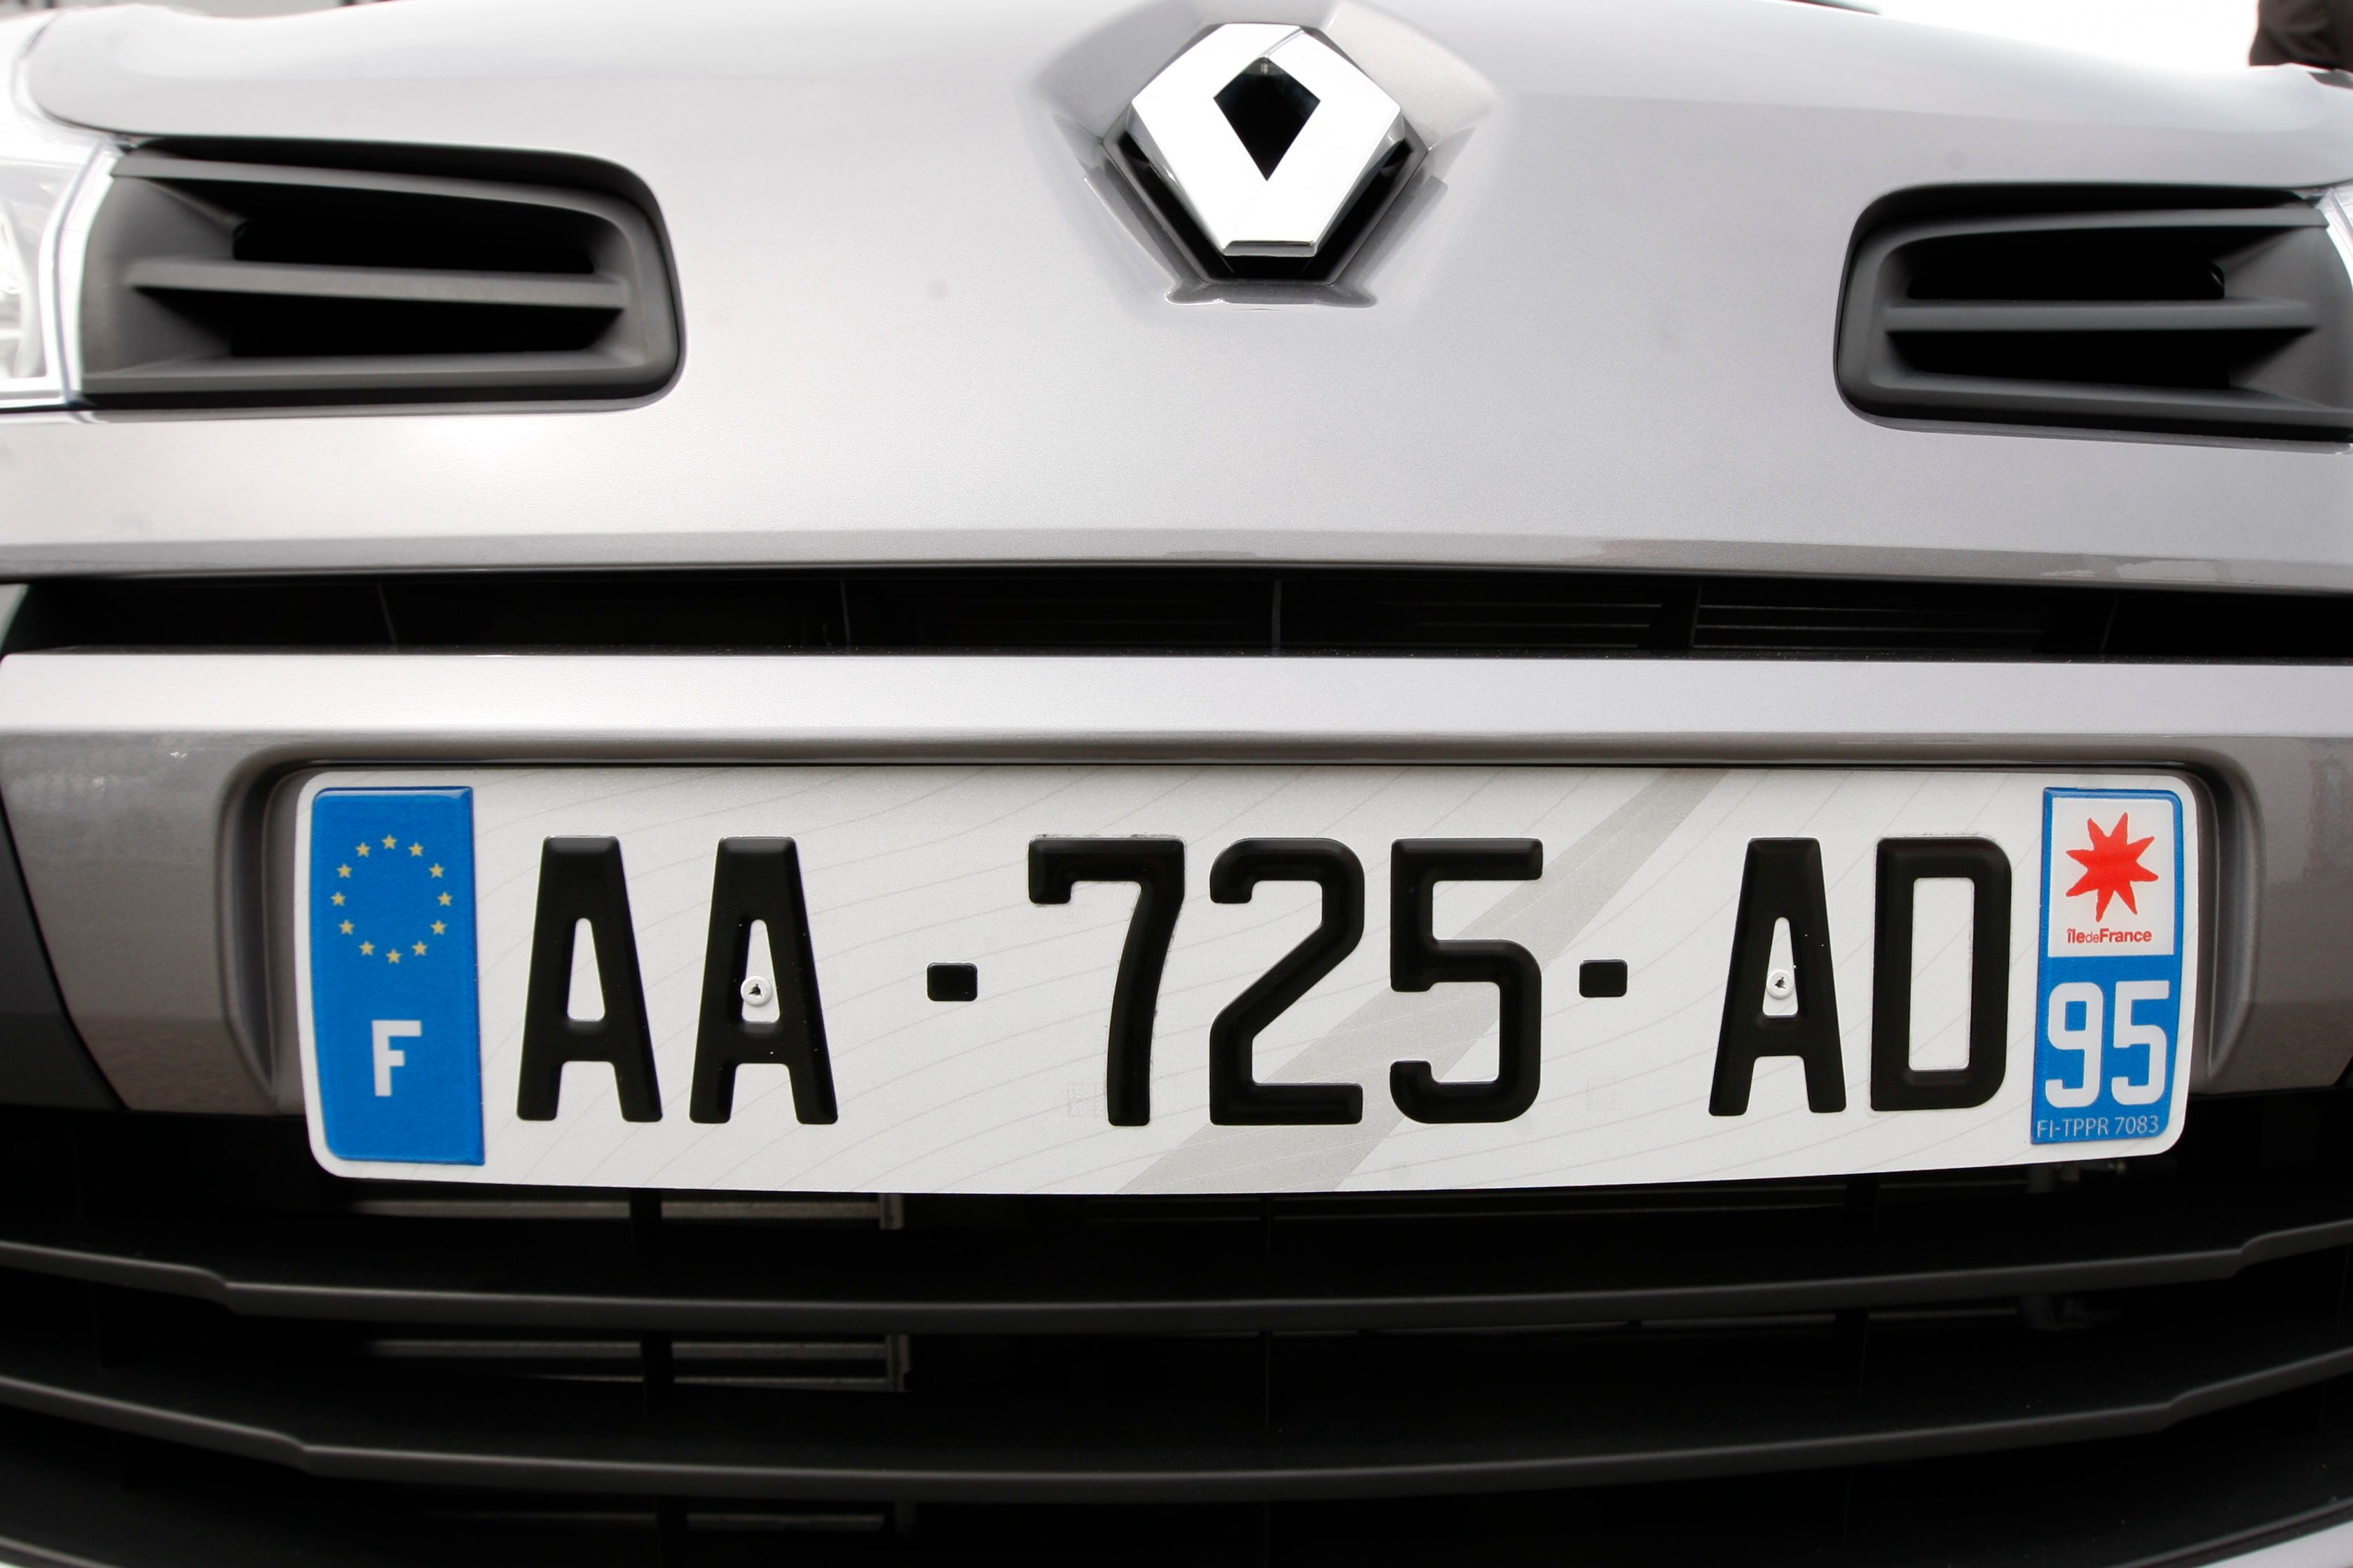 Les immatriculations de voitures françaises sont en net repli